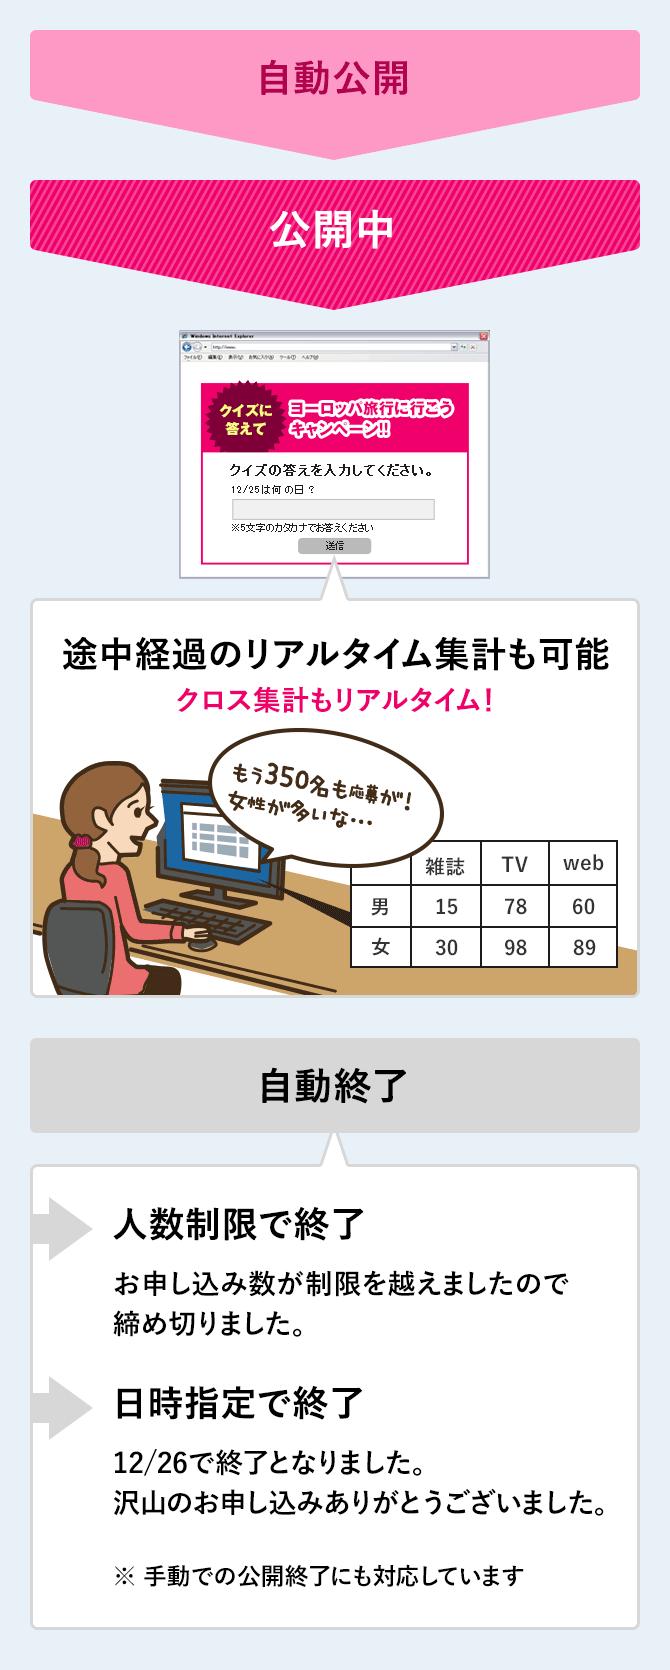 イベント受付フォームは、公開・終了が自動で設定できます